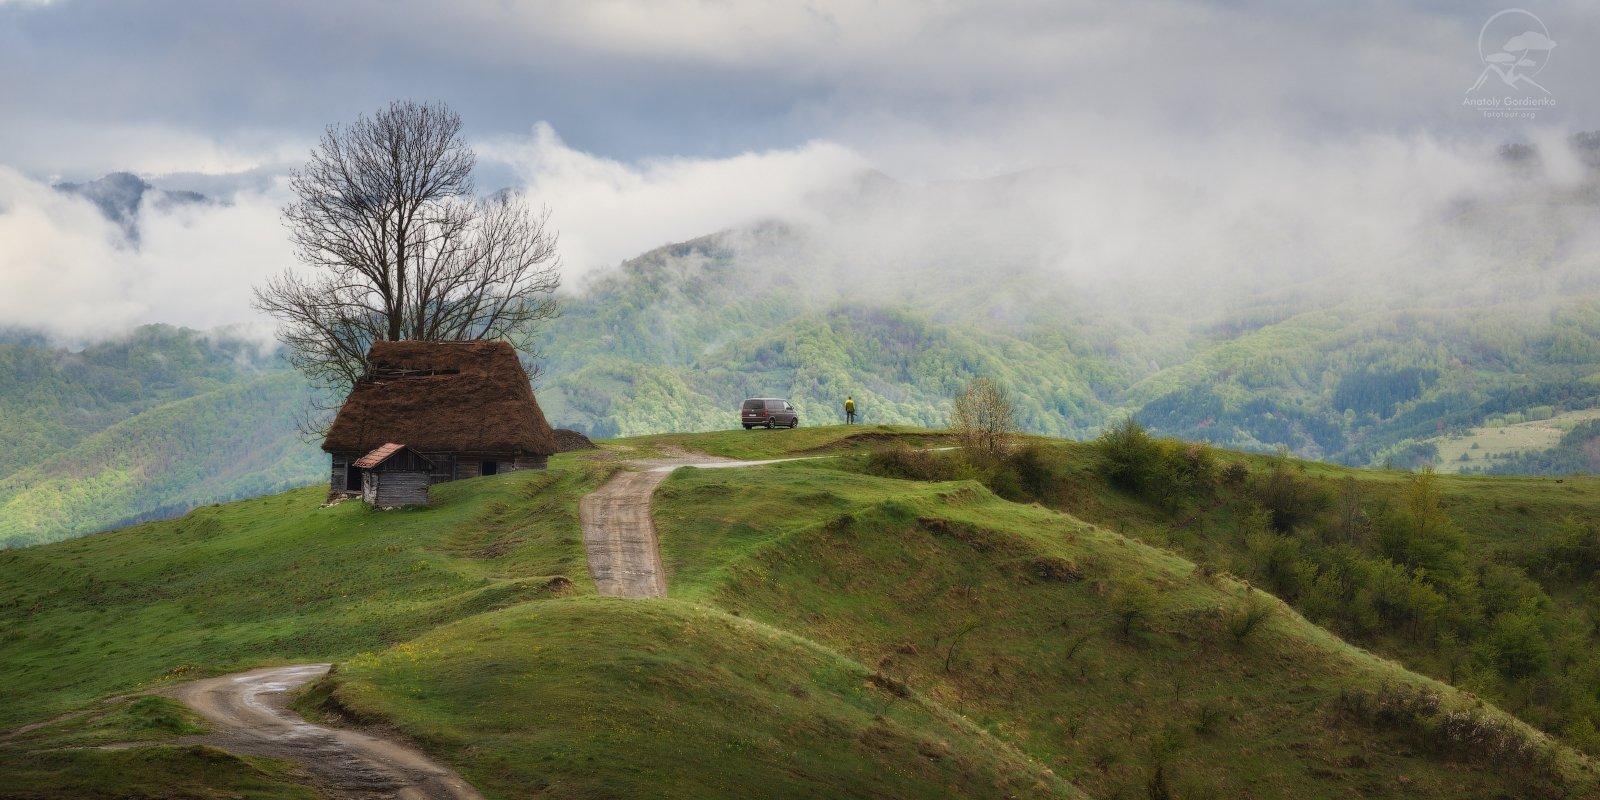 пейзаж, природа, горы, румыния, туман, Гордиенко Анатолий